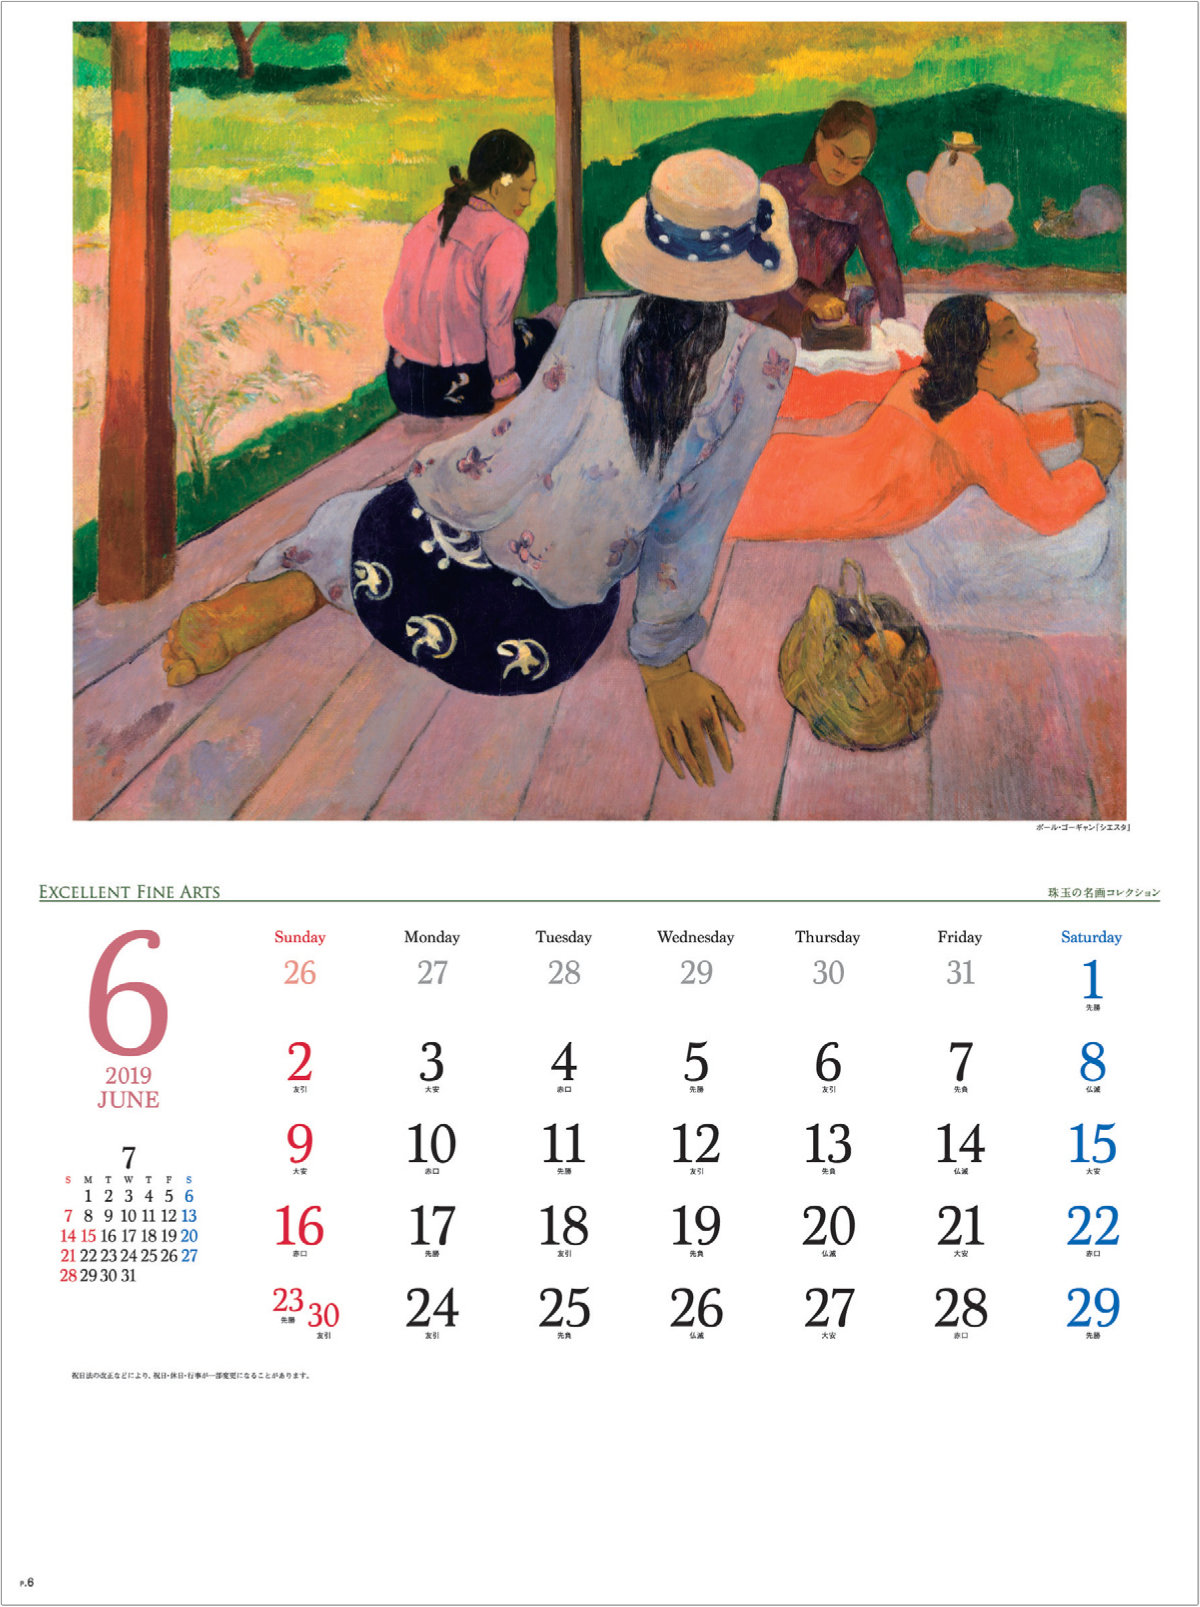 画像:ポール・ゴーギャン「シエスタ」 珠玉の名画コレクション 2019年カレンダー